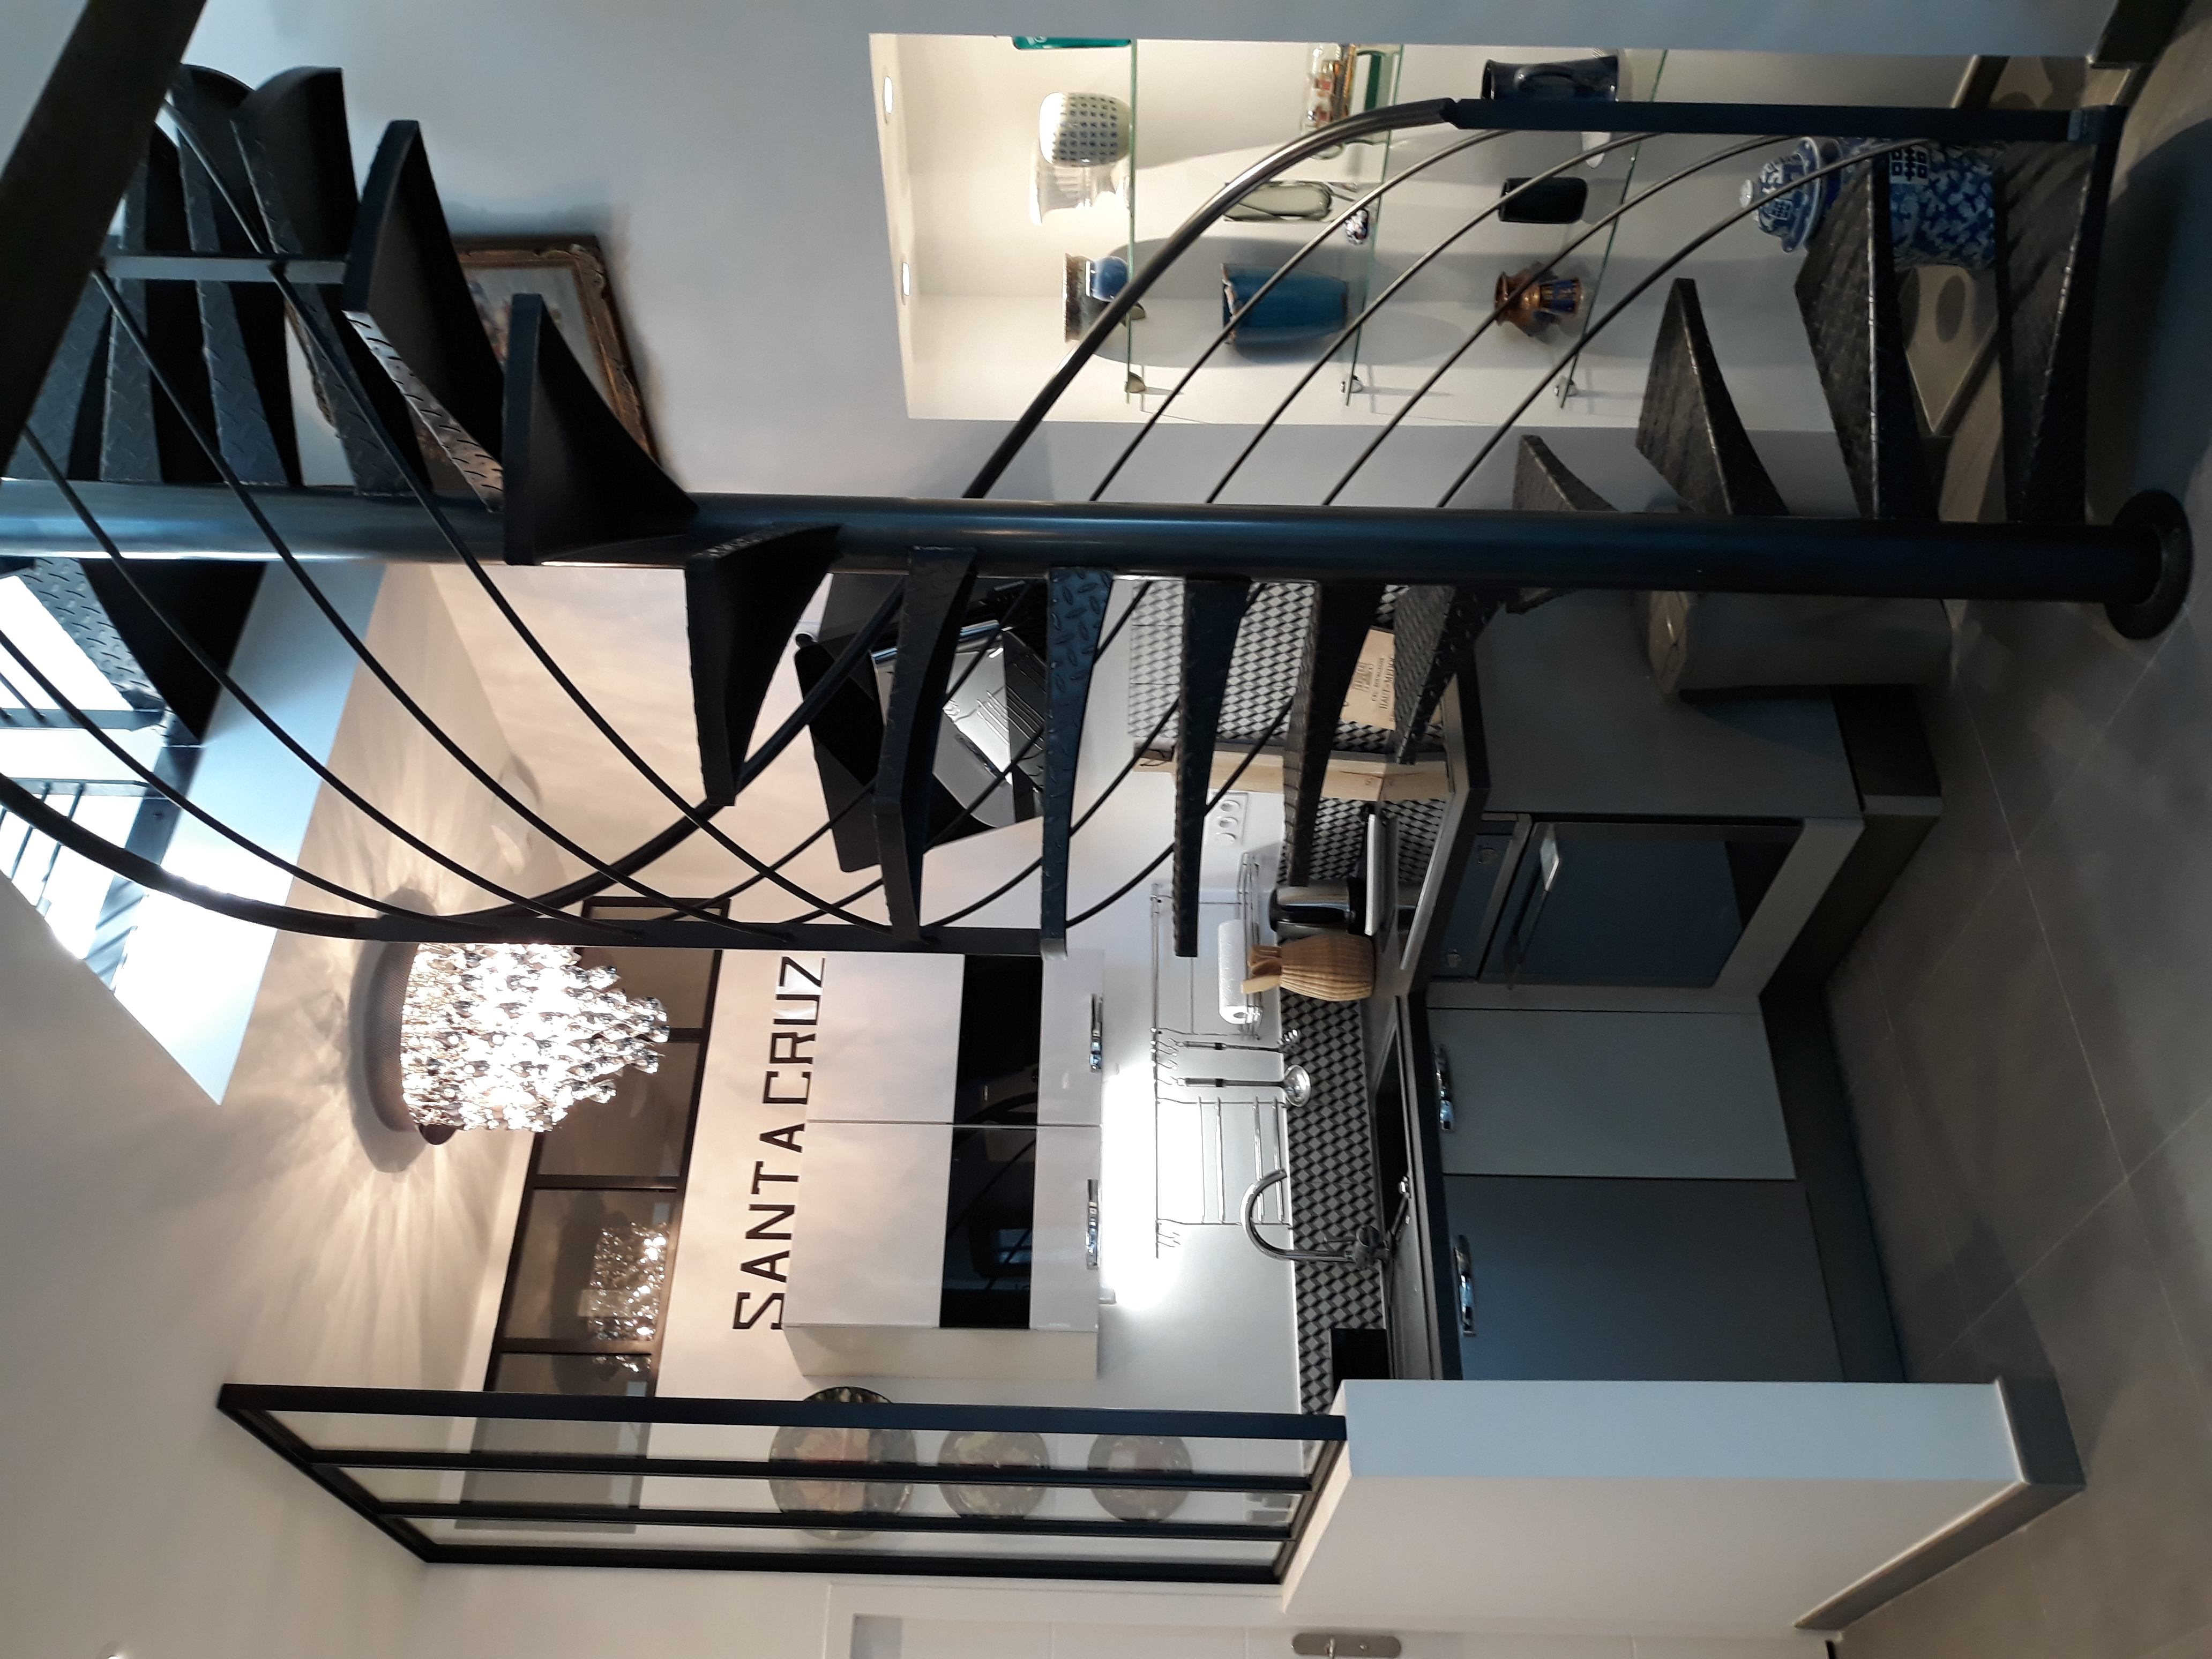 projet-renovation-petite-maison-vannes-travaux-fini-cuisine-et-escalier